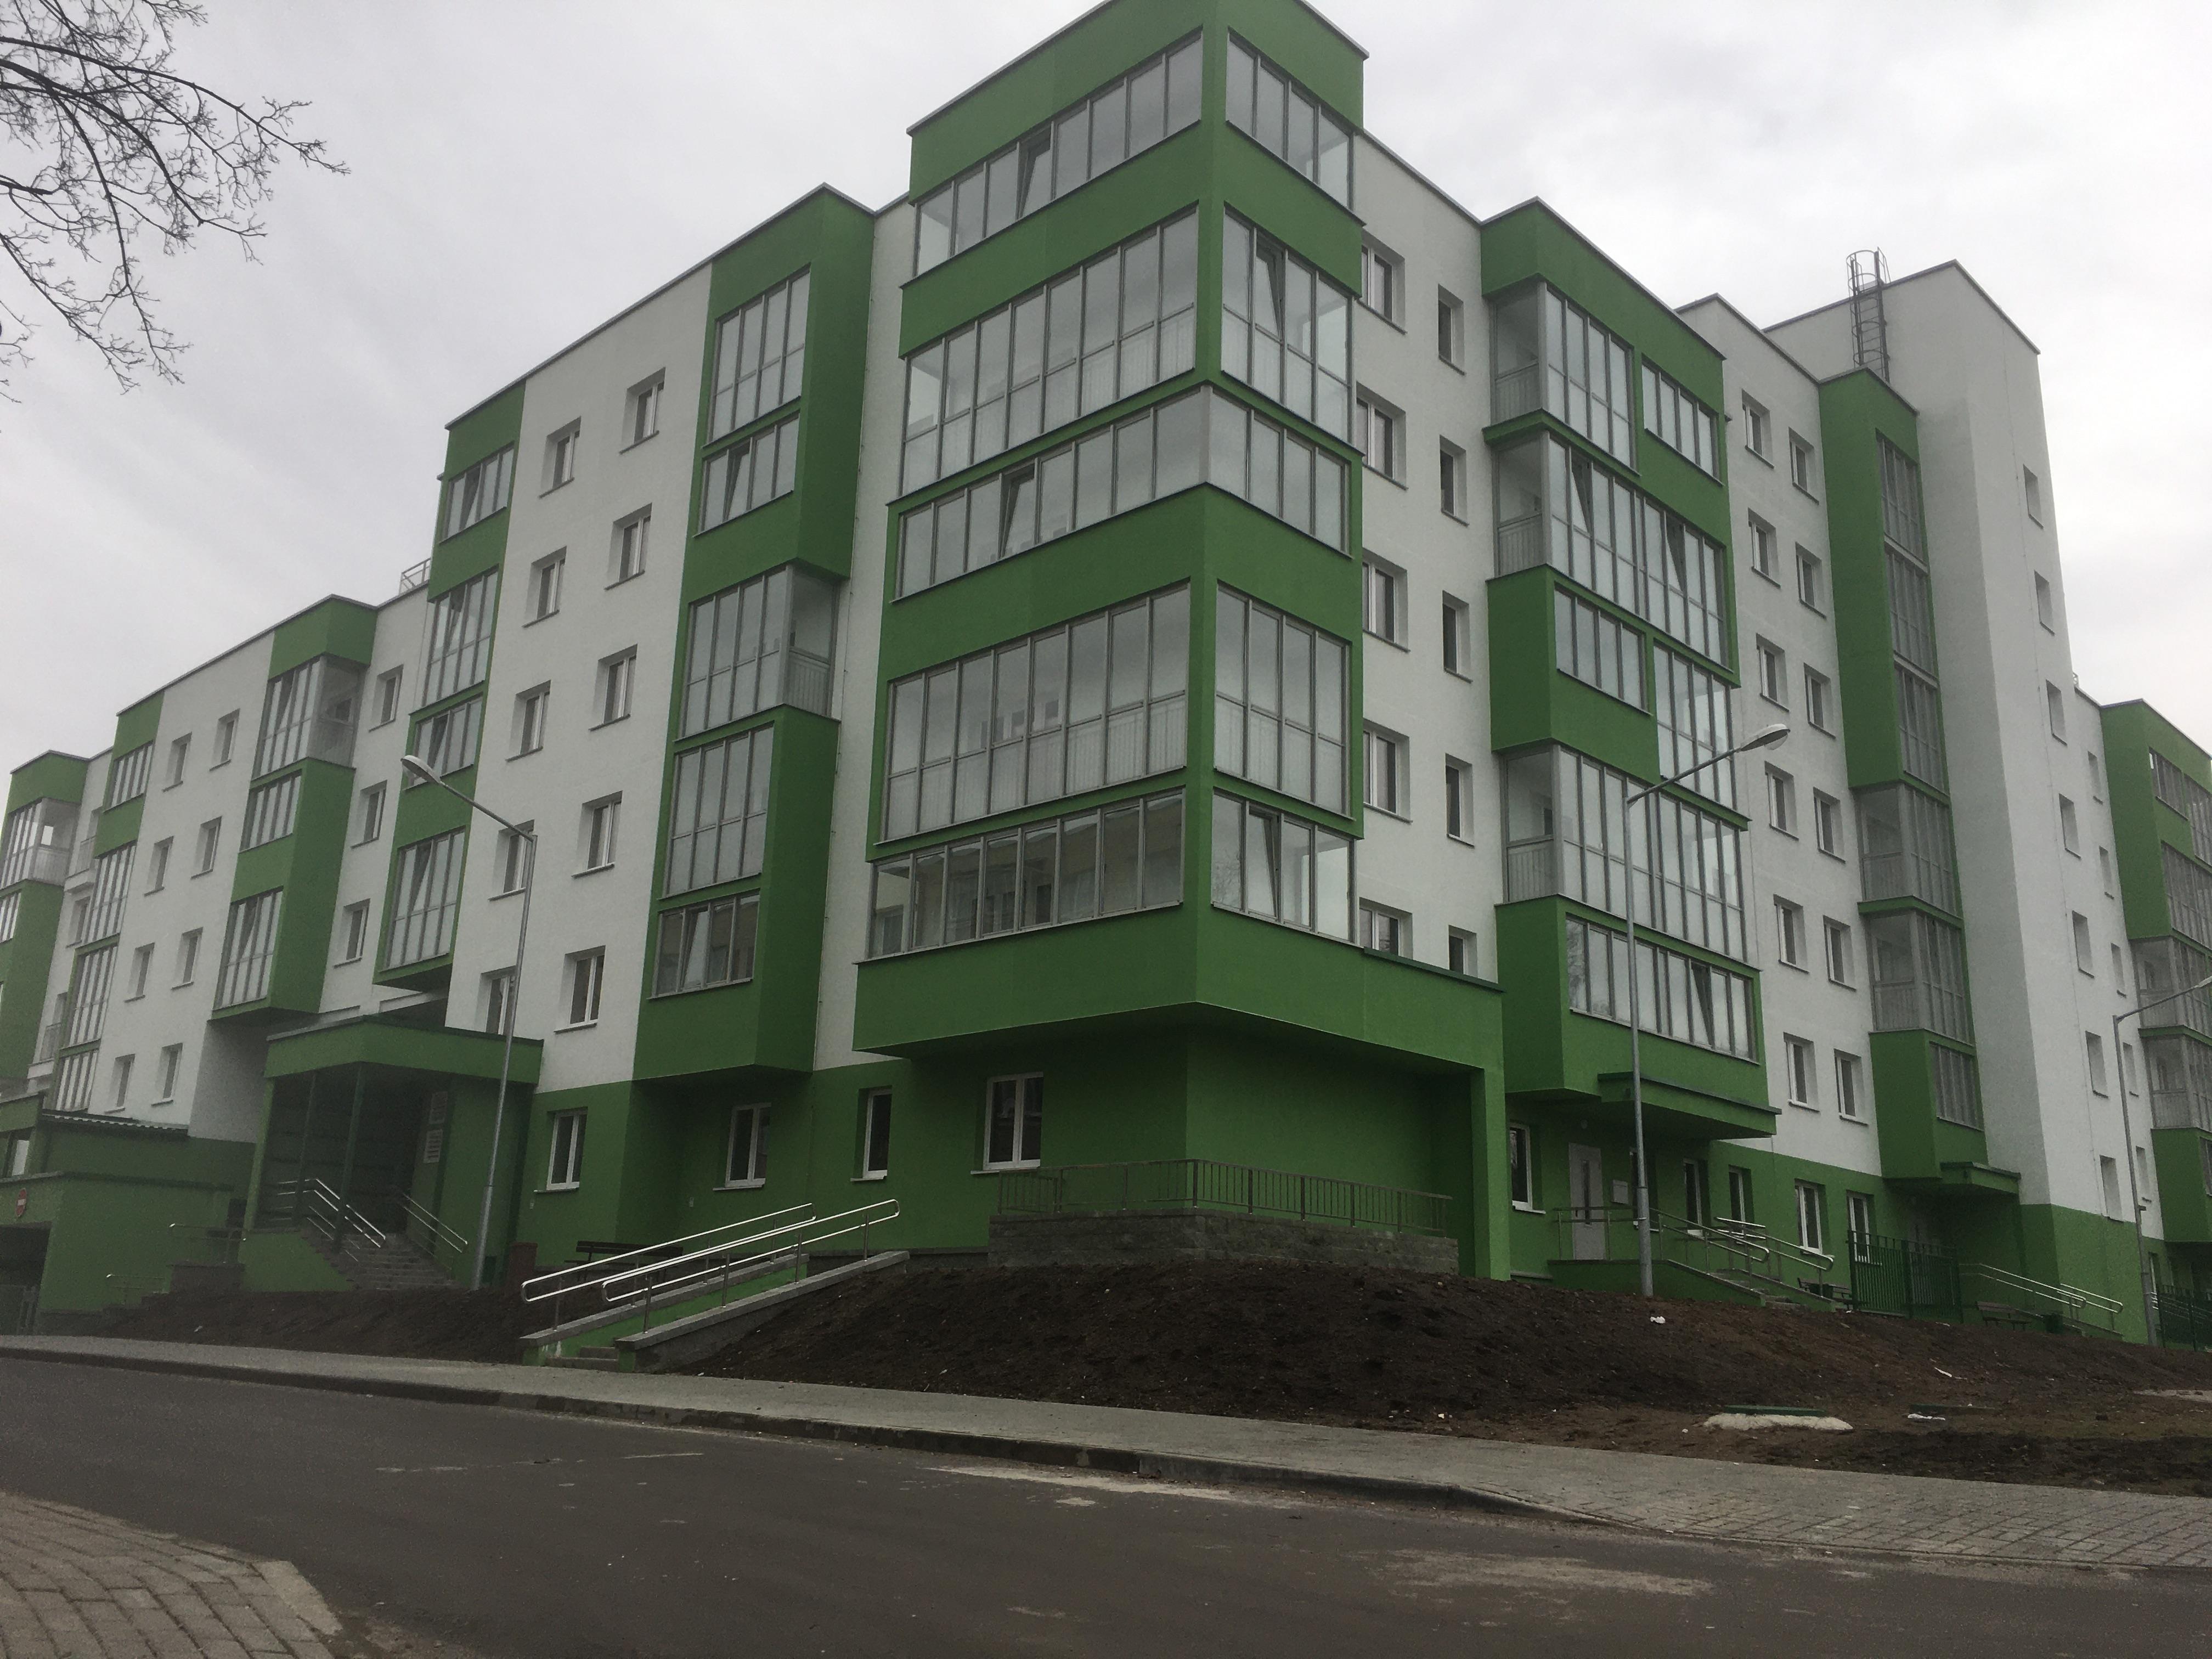 Многоквартирный жилой дом по ул. Полиграфическая, г. Минск